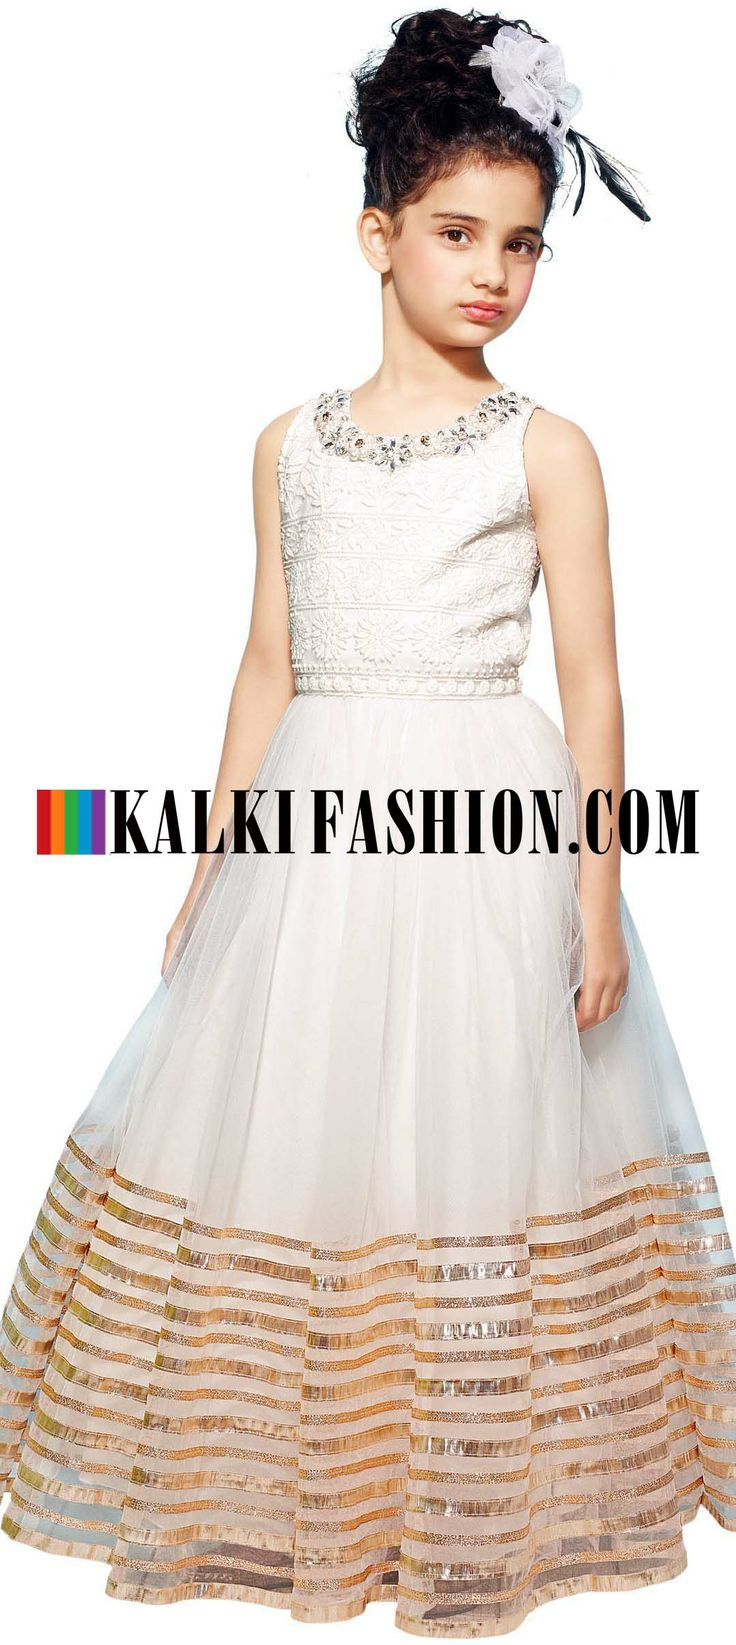 best girl dresses images on pinterest kids fashion little girl